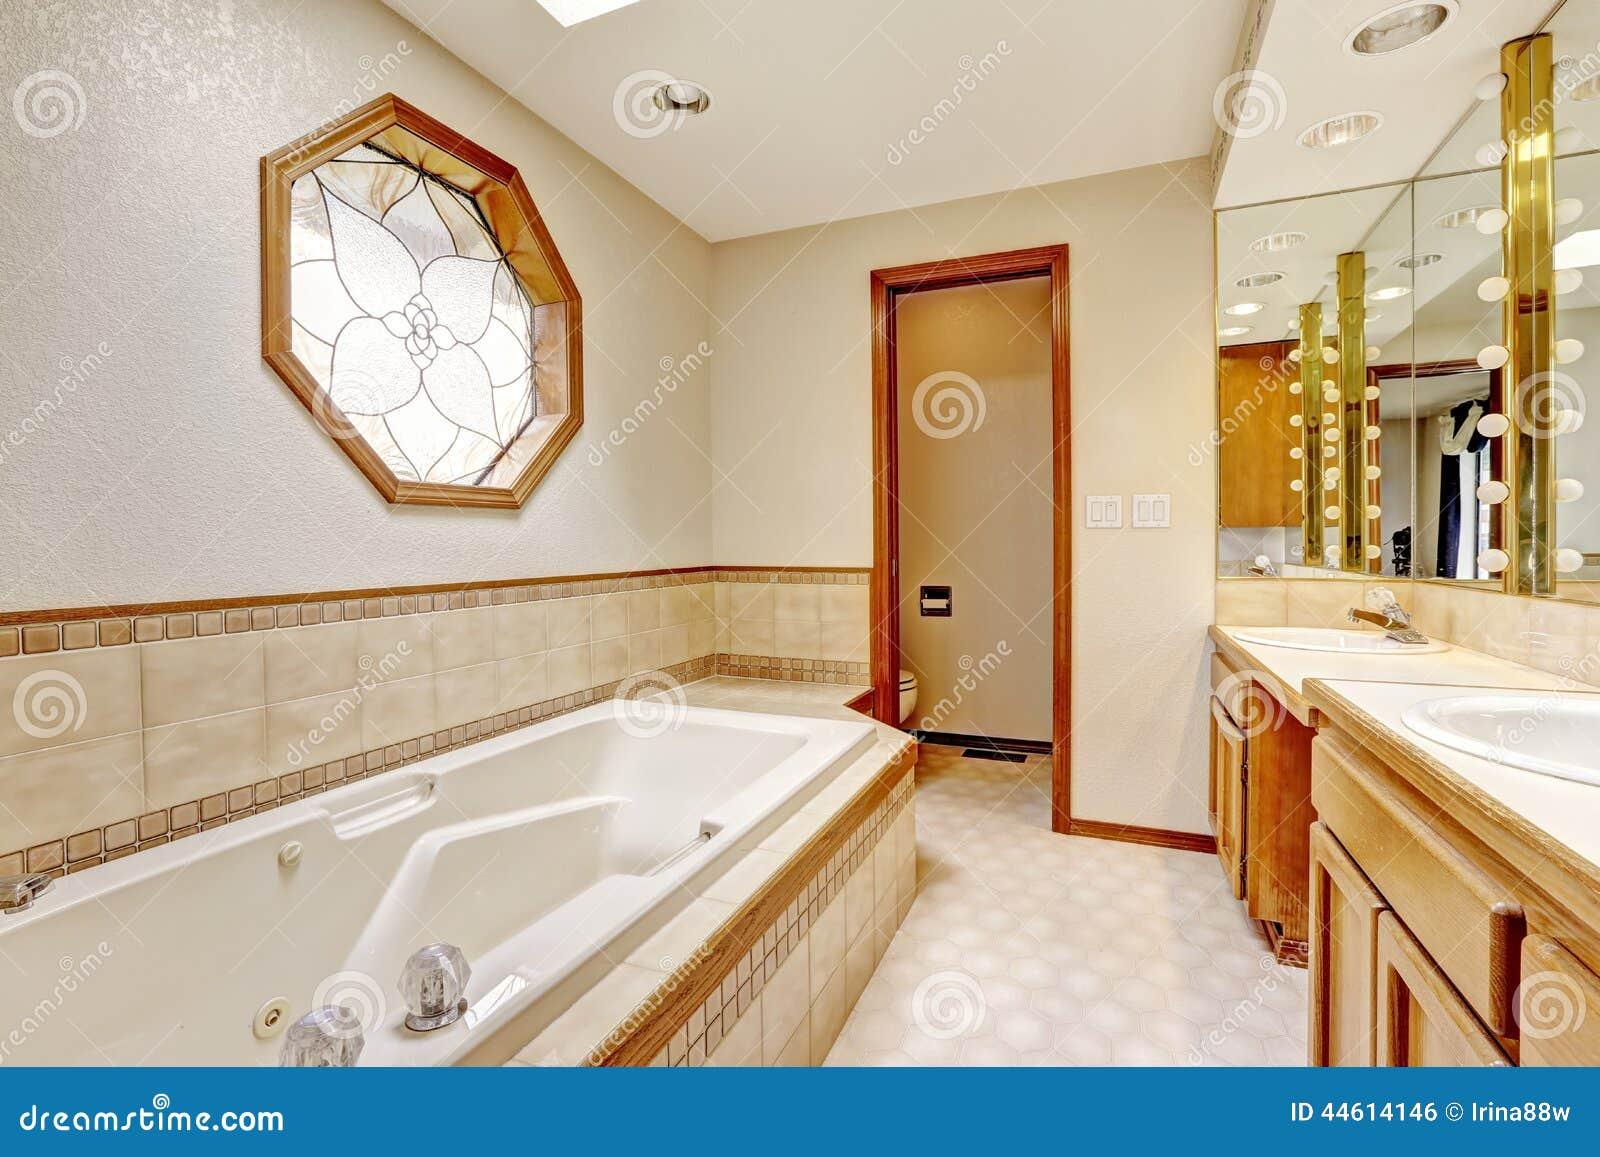 Camera da letto con la disposizione della parete delle mattonelle e la finestra decorata - La finestra della camera da letto ...